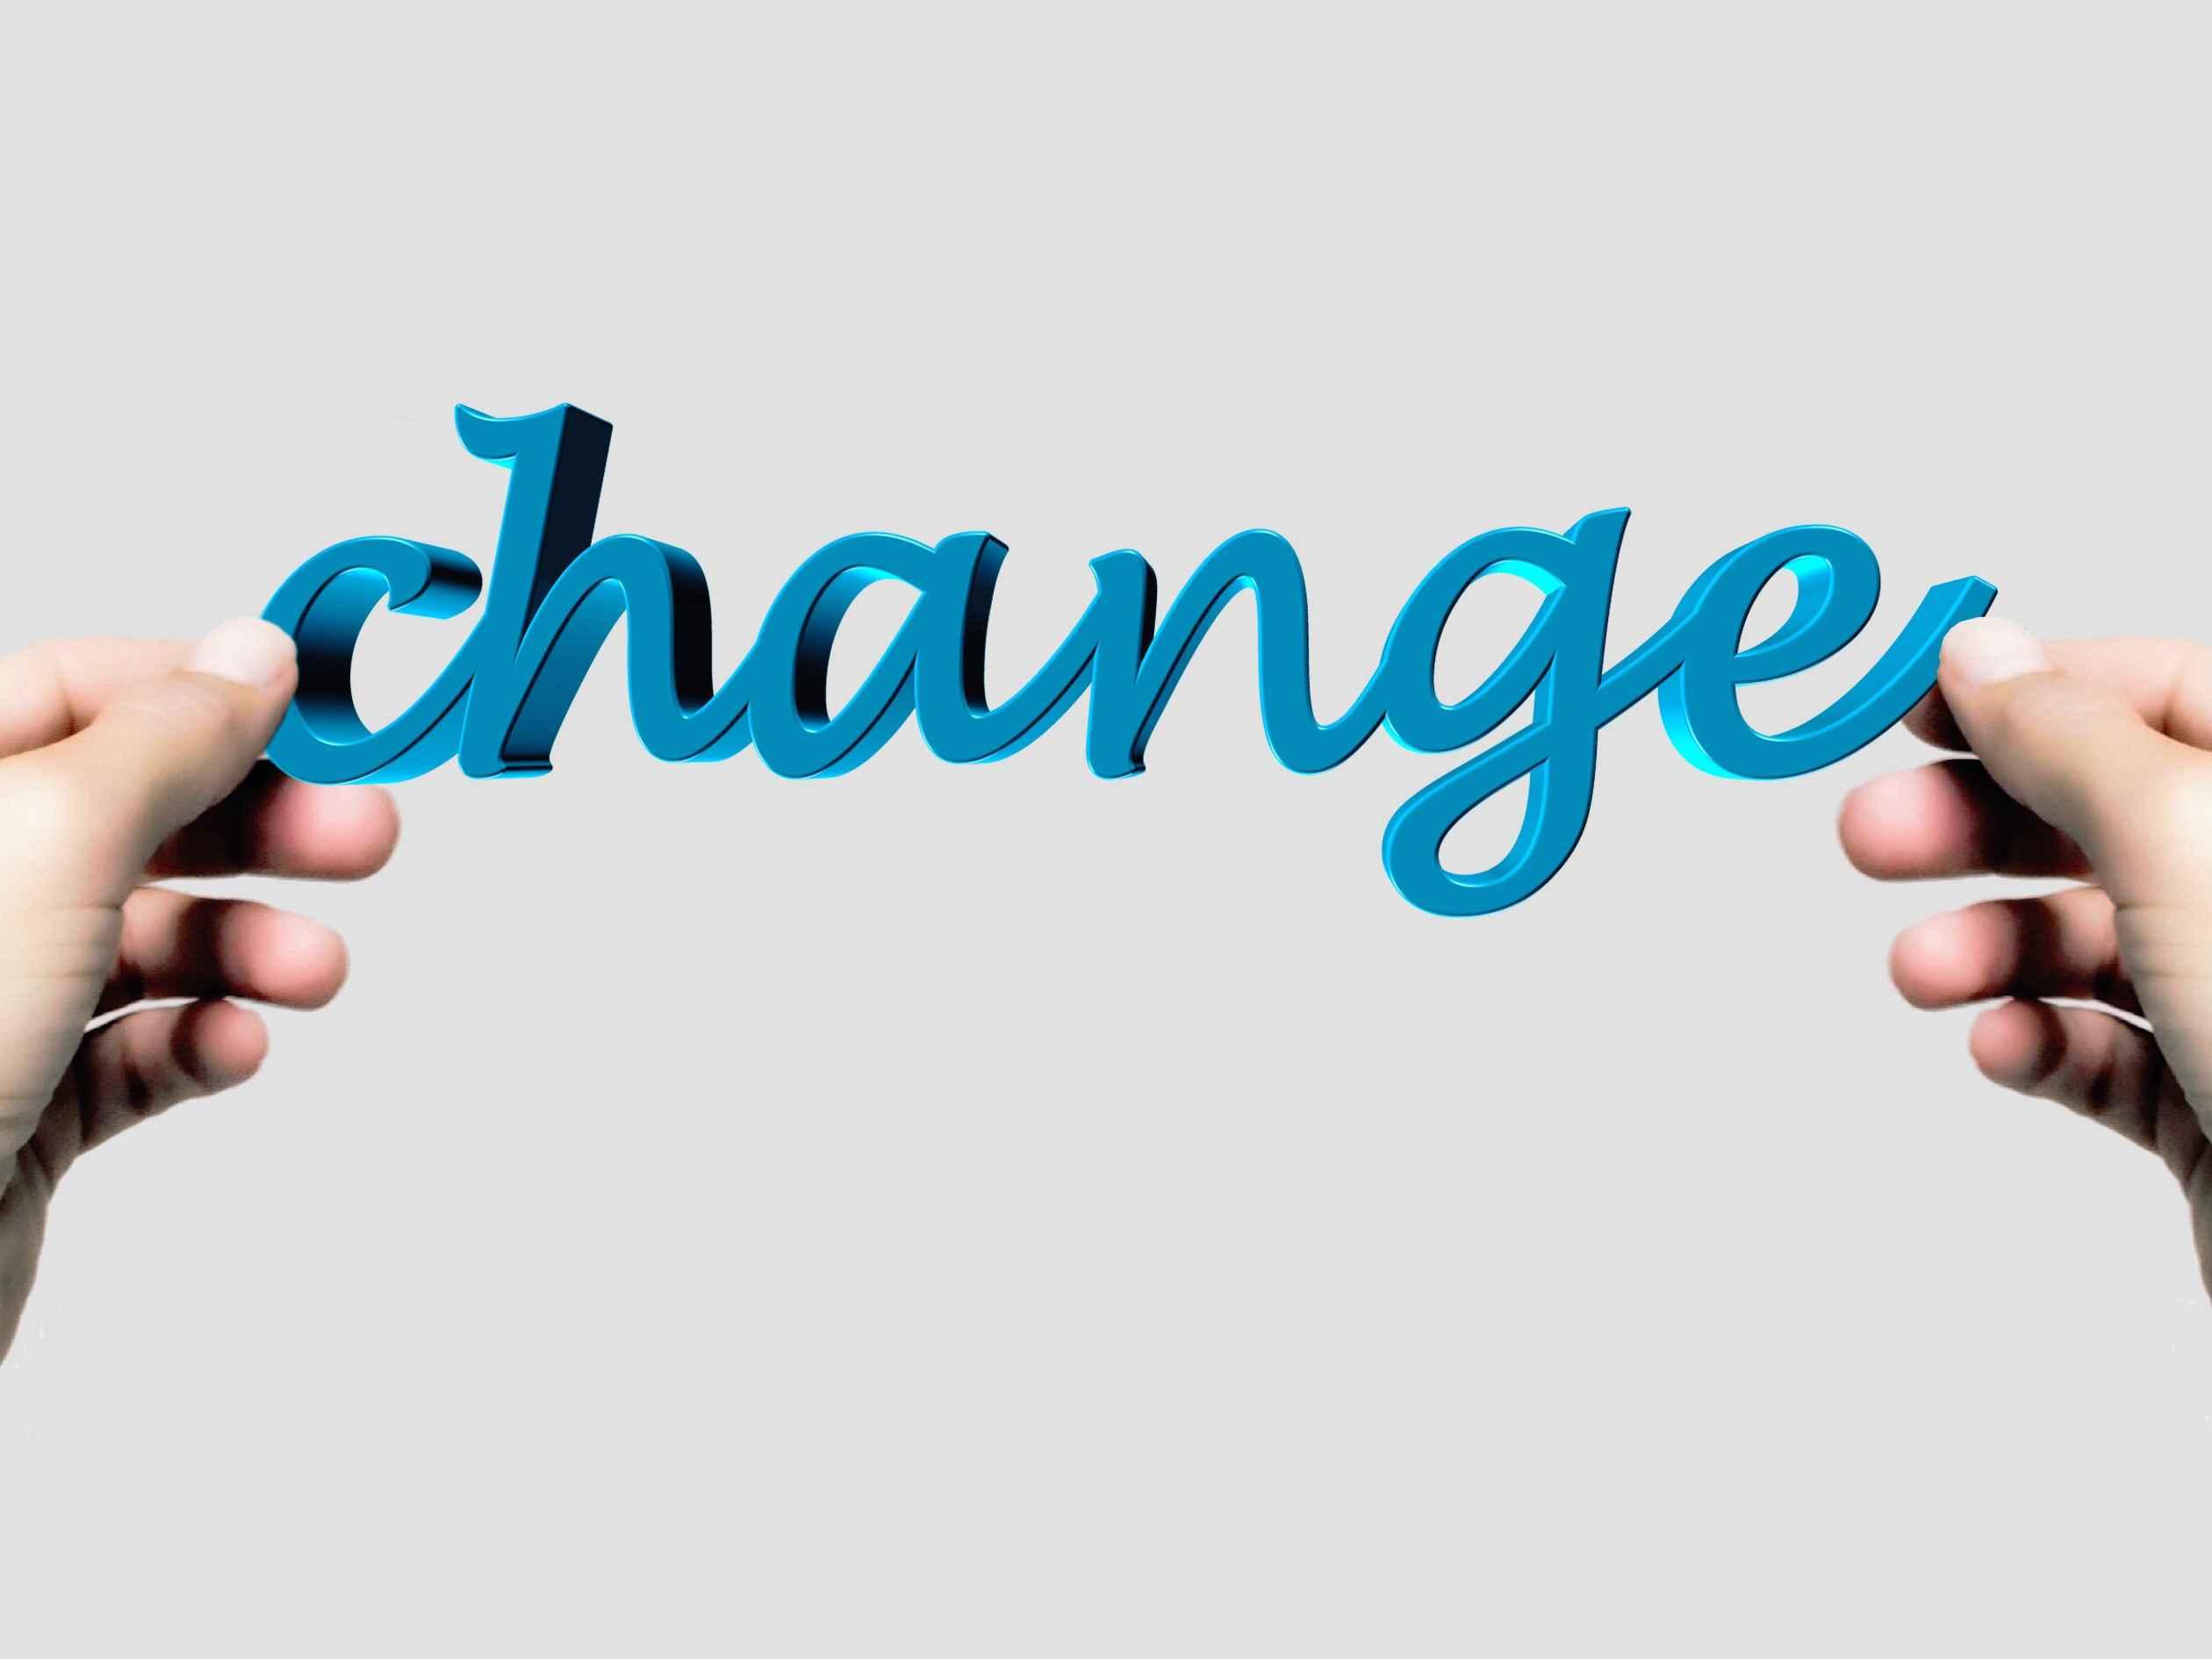 王明夫:企业转型、创新与升级